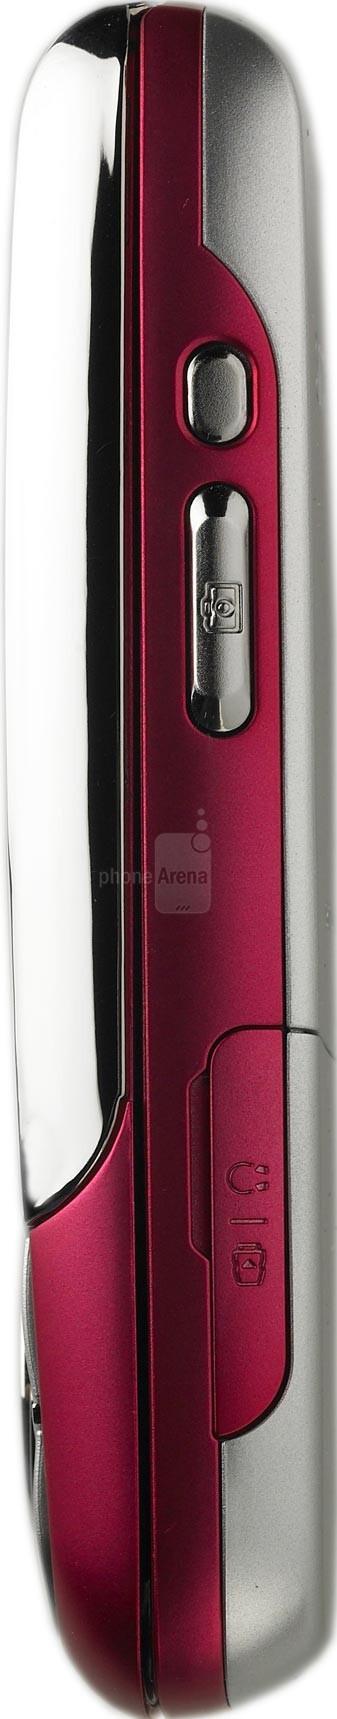 Samsung SGH-E740